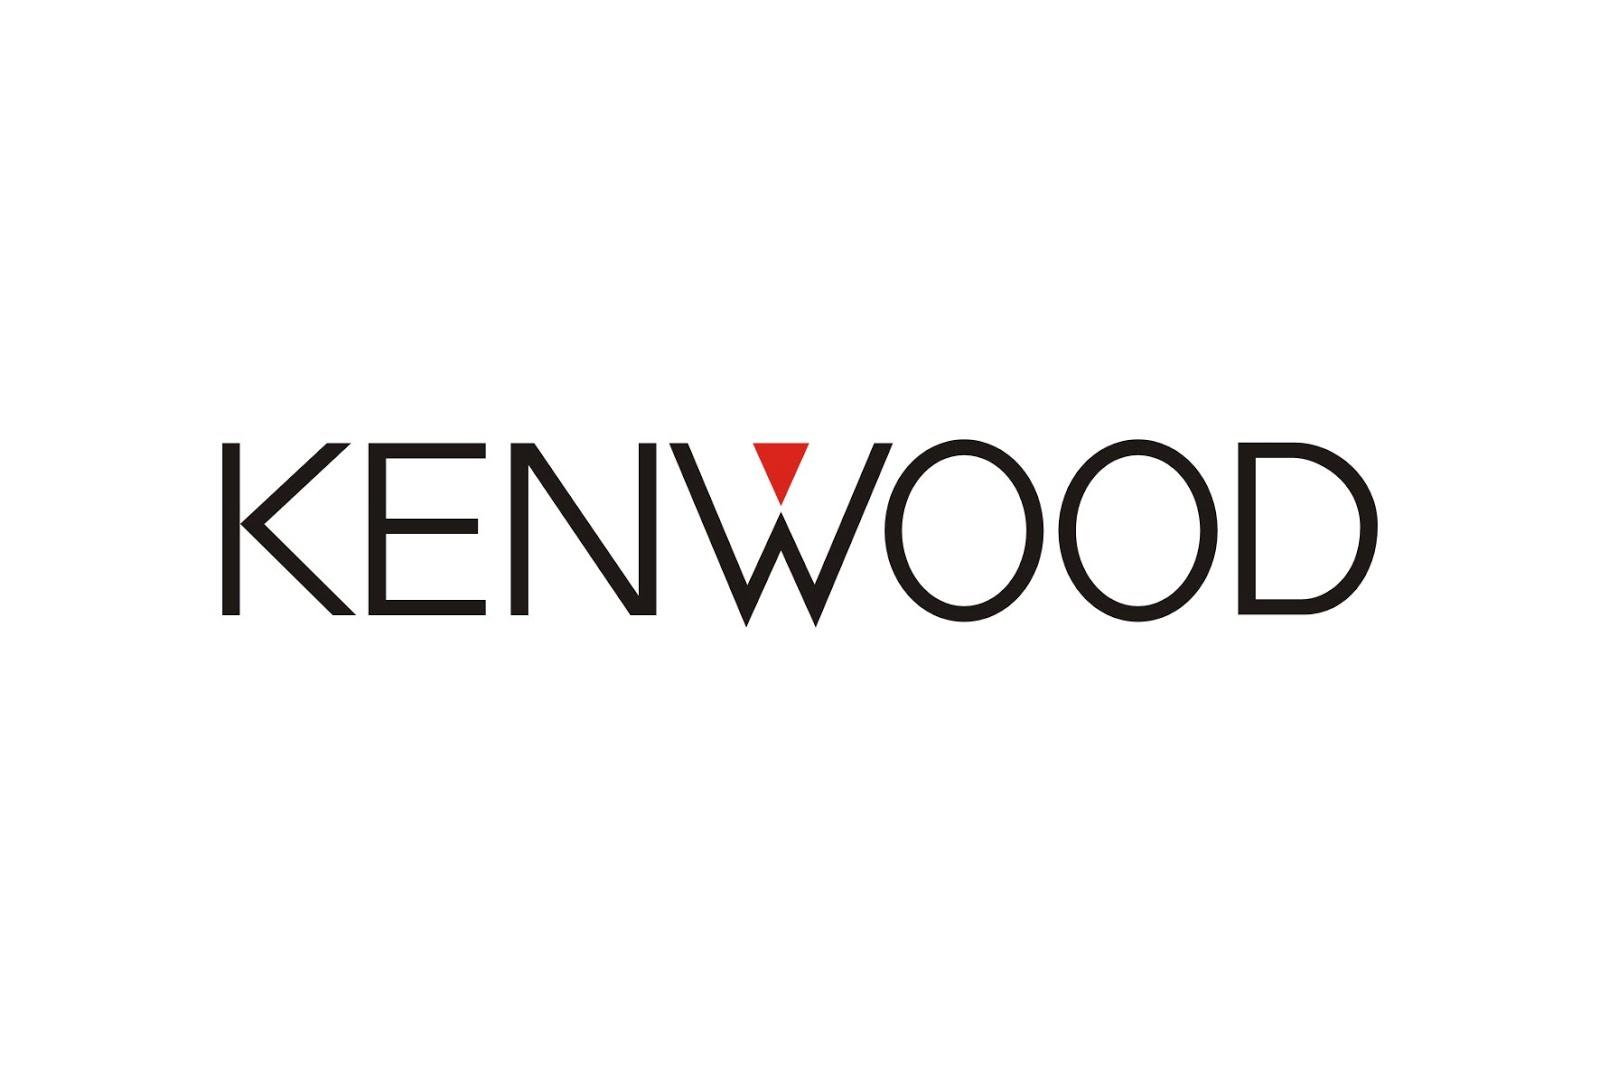 Kenwood Logo Wallpaper